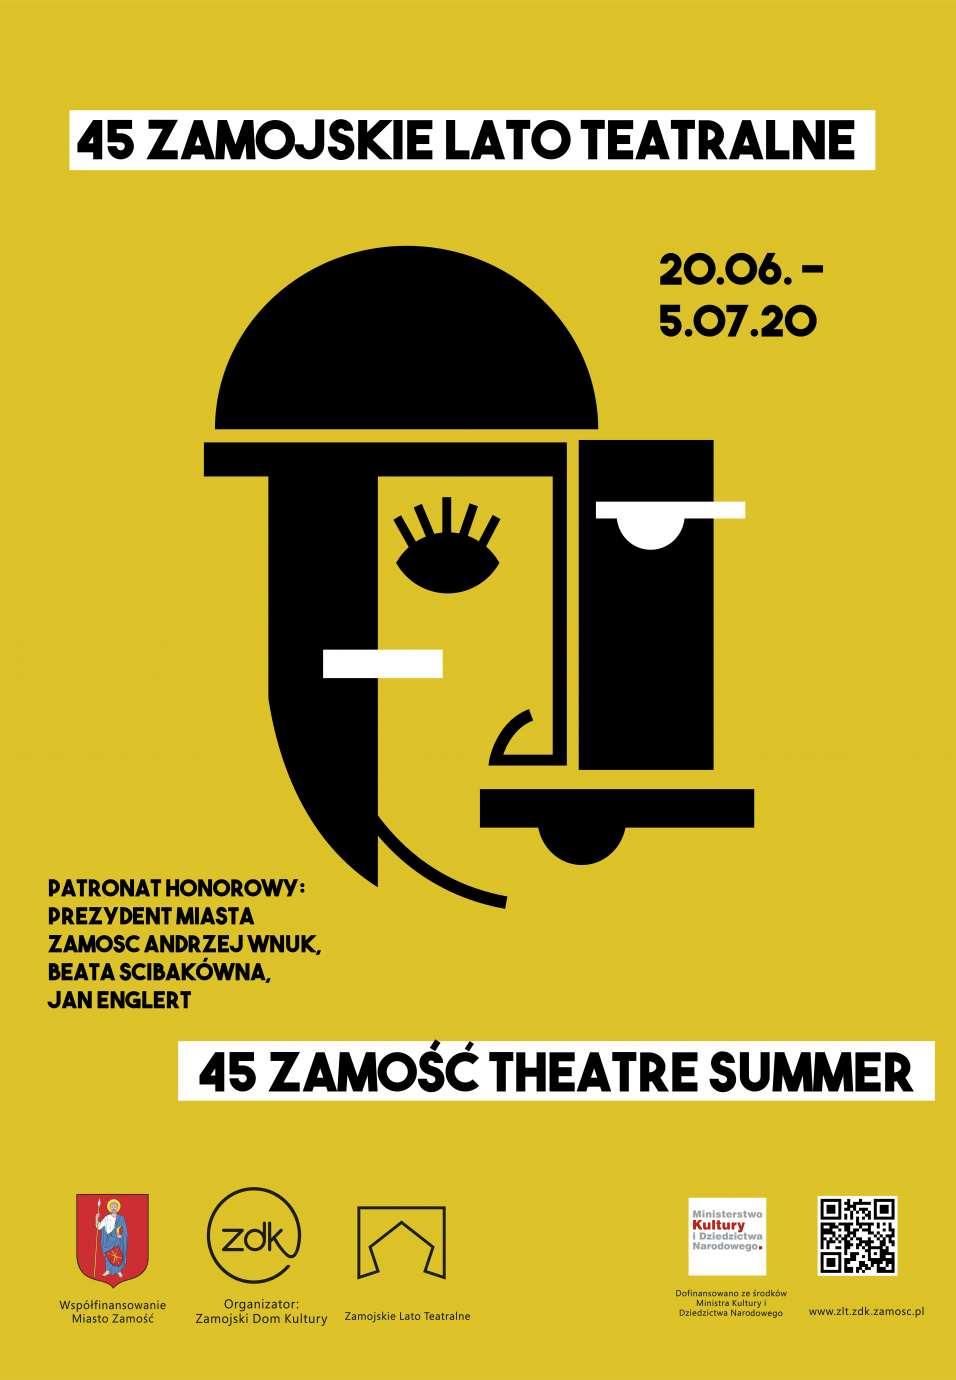 malarz paulina 1 wyroznienie Rozstrzygnięto konkurs na plakat 45. Zamojskiego Lata Teatralnego